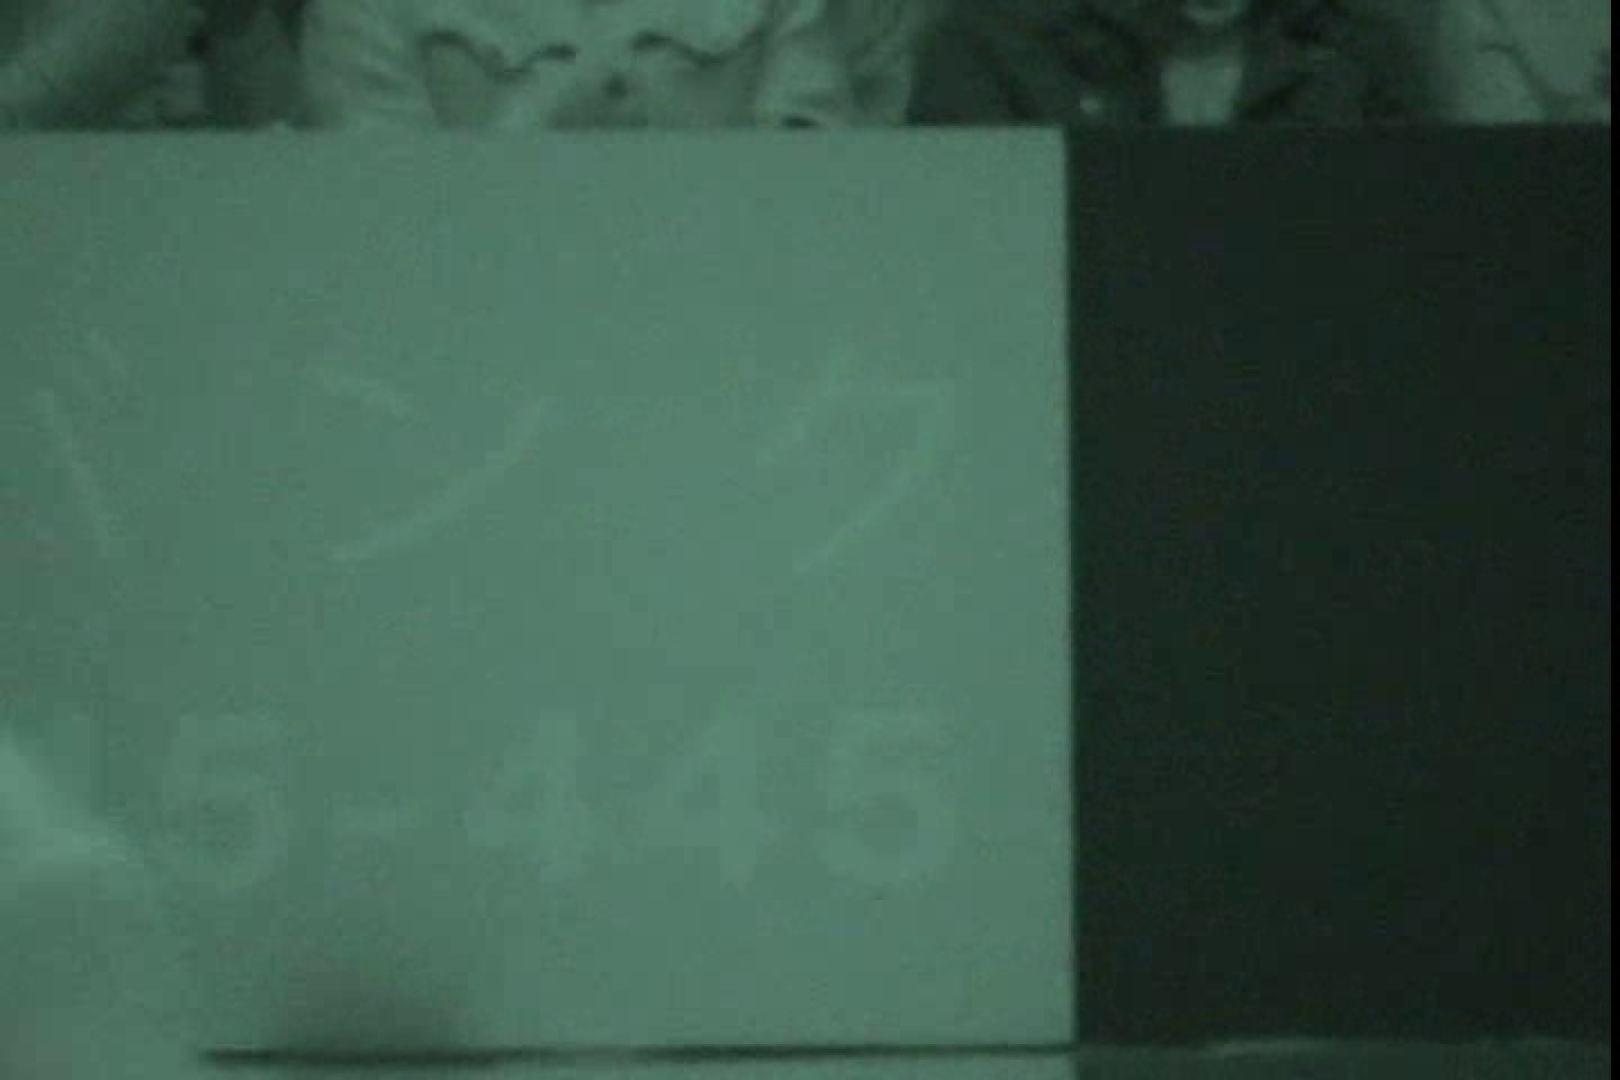 赤外線ムレスケバレー(汗) vol.05 赤外線  58連発 51